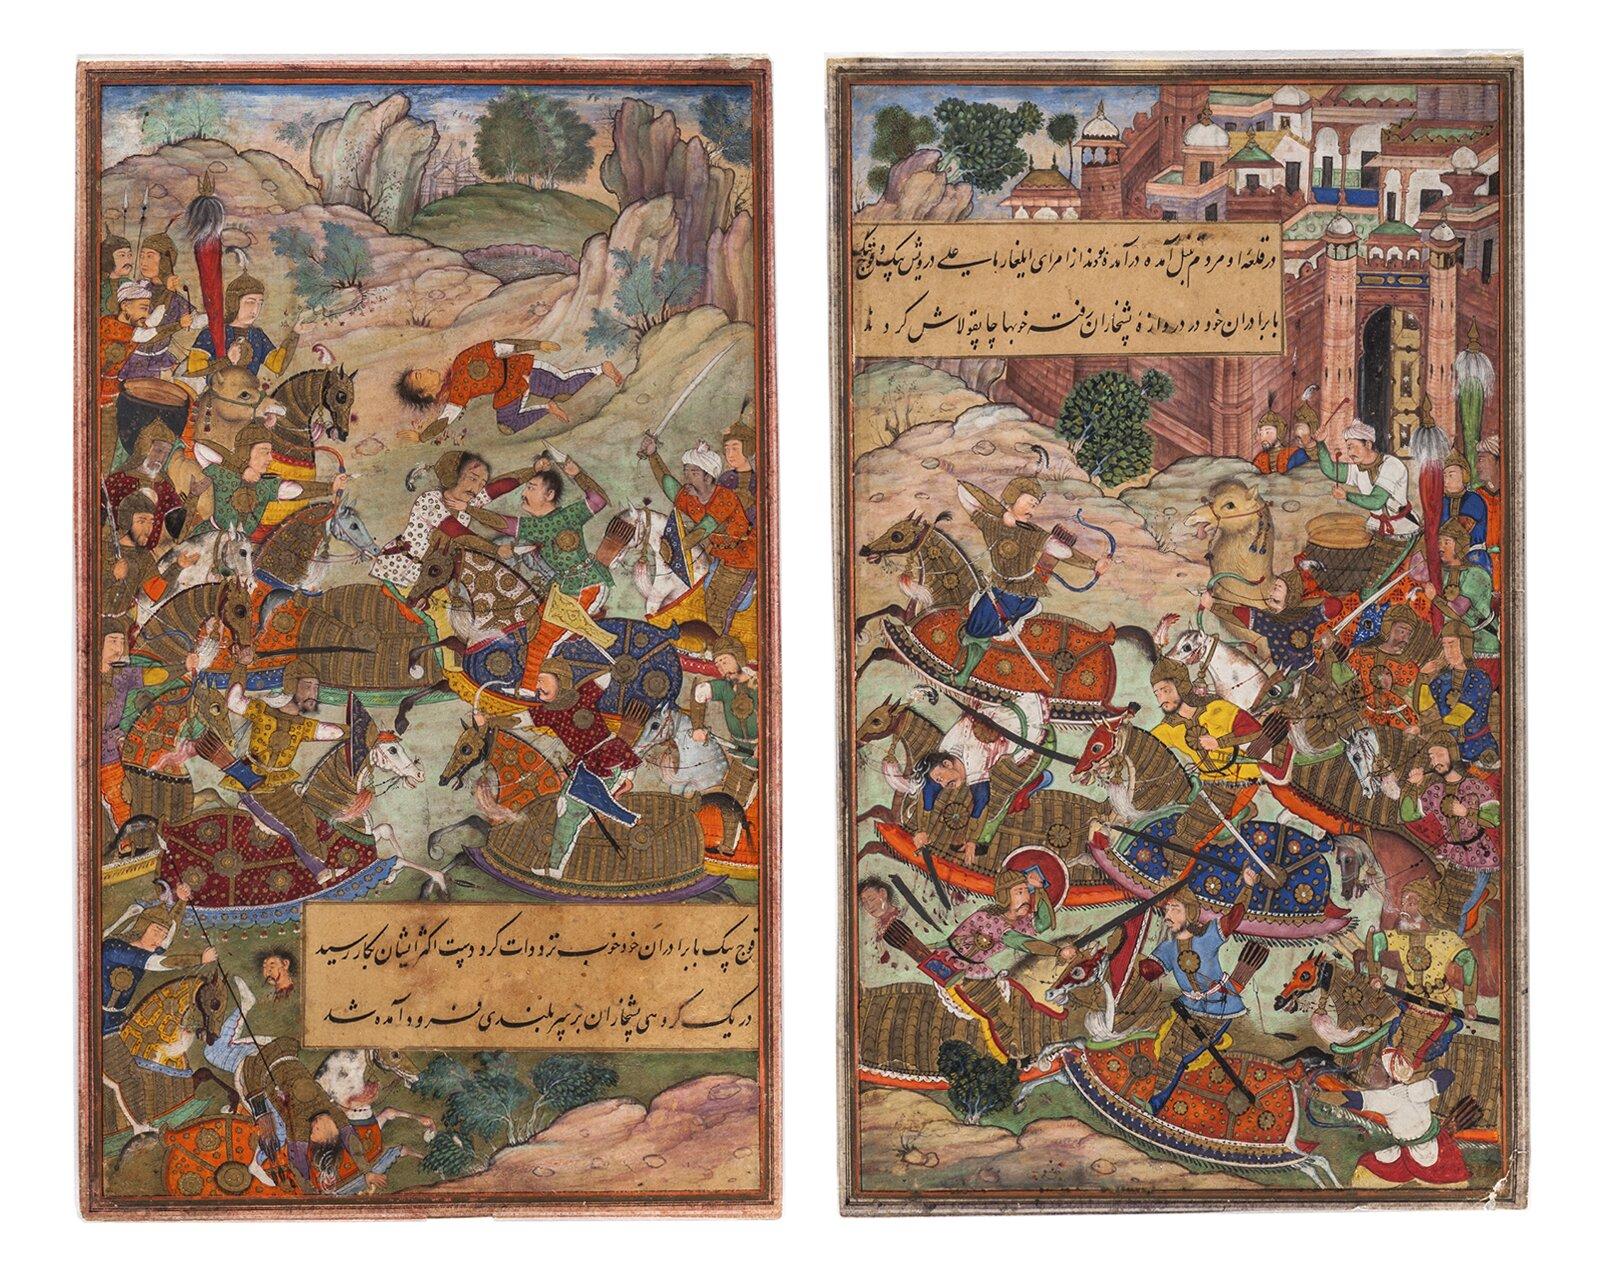 Миниатюра «Сражение конницы Бабура с отрядами Танбала» (левая и правая часть диптиха) из рукописи «Бабур-наме». Северная Индия. XVI век